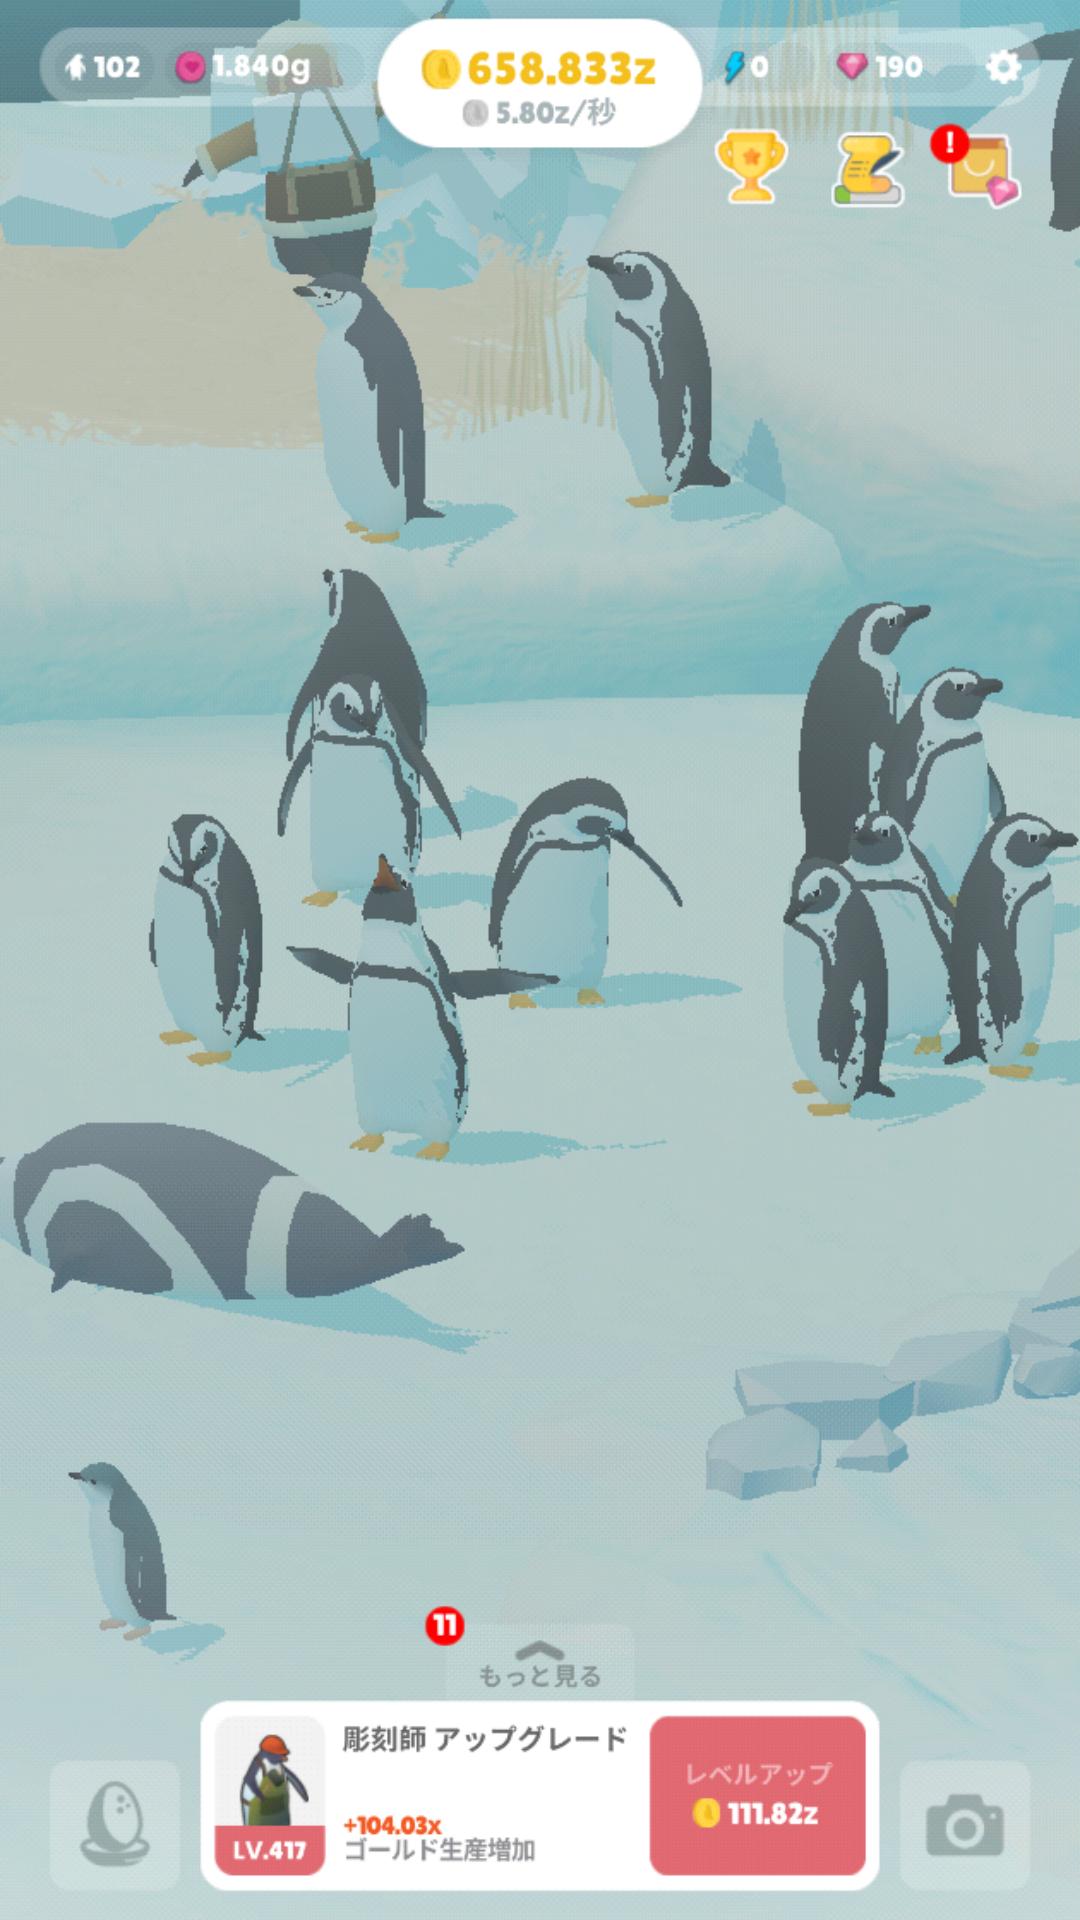 ペンギンの島 クオリティ 低い